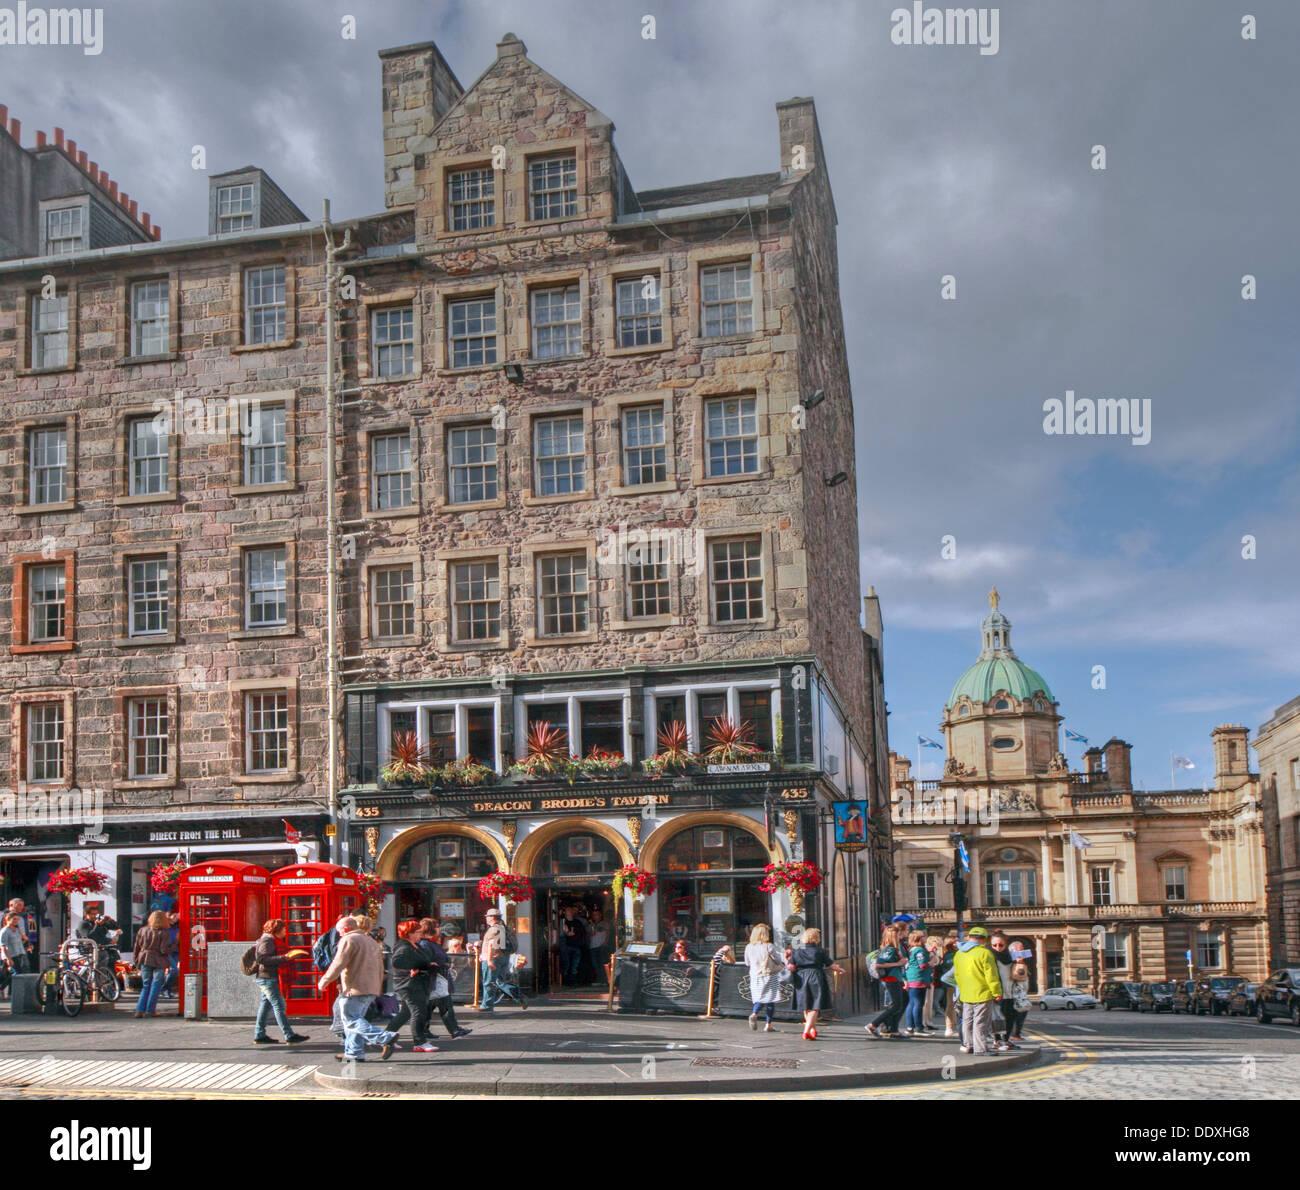 Laden Sie dieses Alamy Stockfoto Diakon Brodies Taverne, Royal Mile, EDN, Stadt von Edinburgh, Schottland - von High Street - DDXHG8